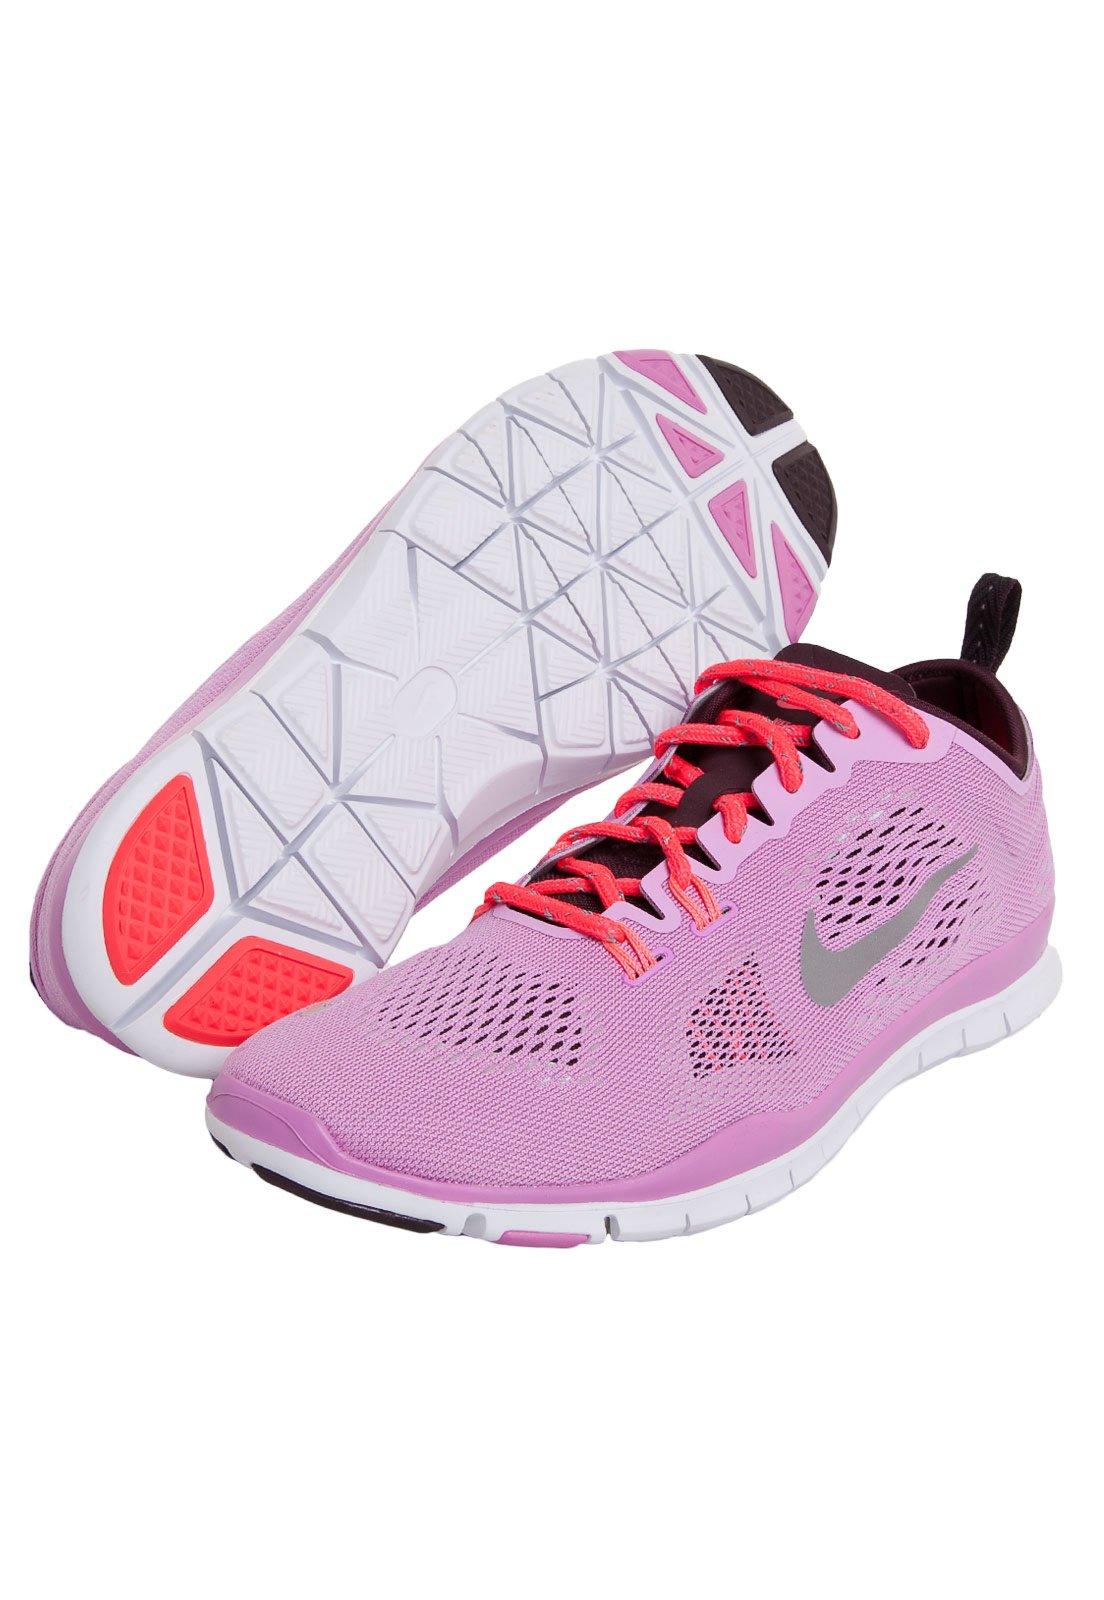 capacidad Comprimir póngase en fila  Tênis Nike WMNS Free 5.0 TR Fit 4 Rosa - Compre Agora | Dafiti Brasil